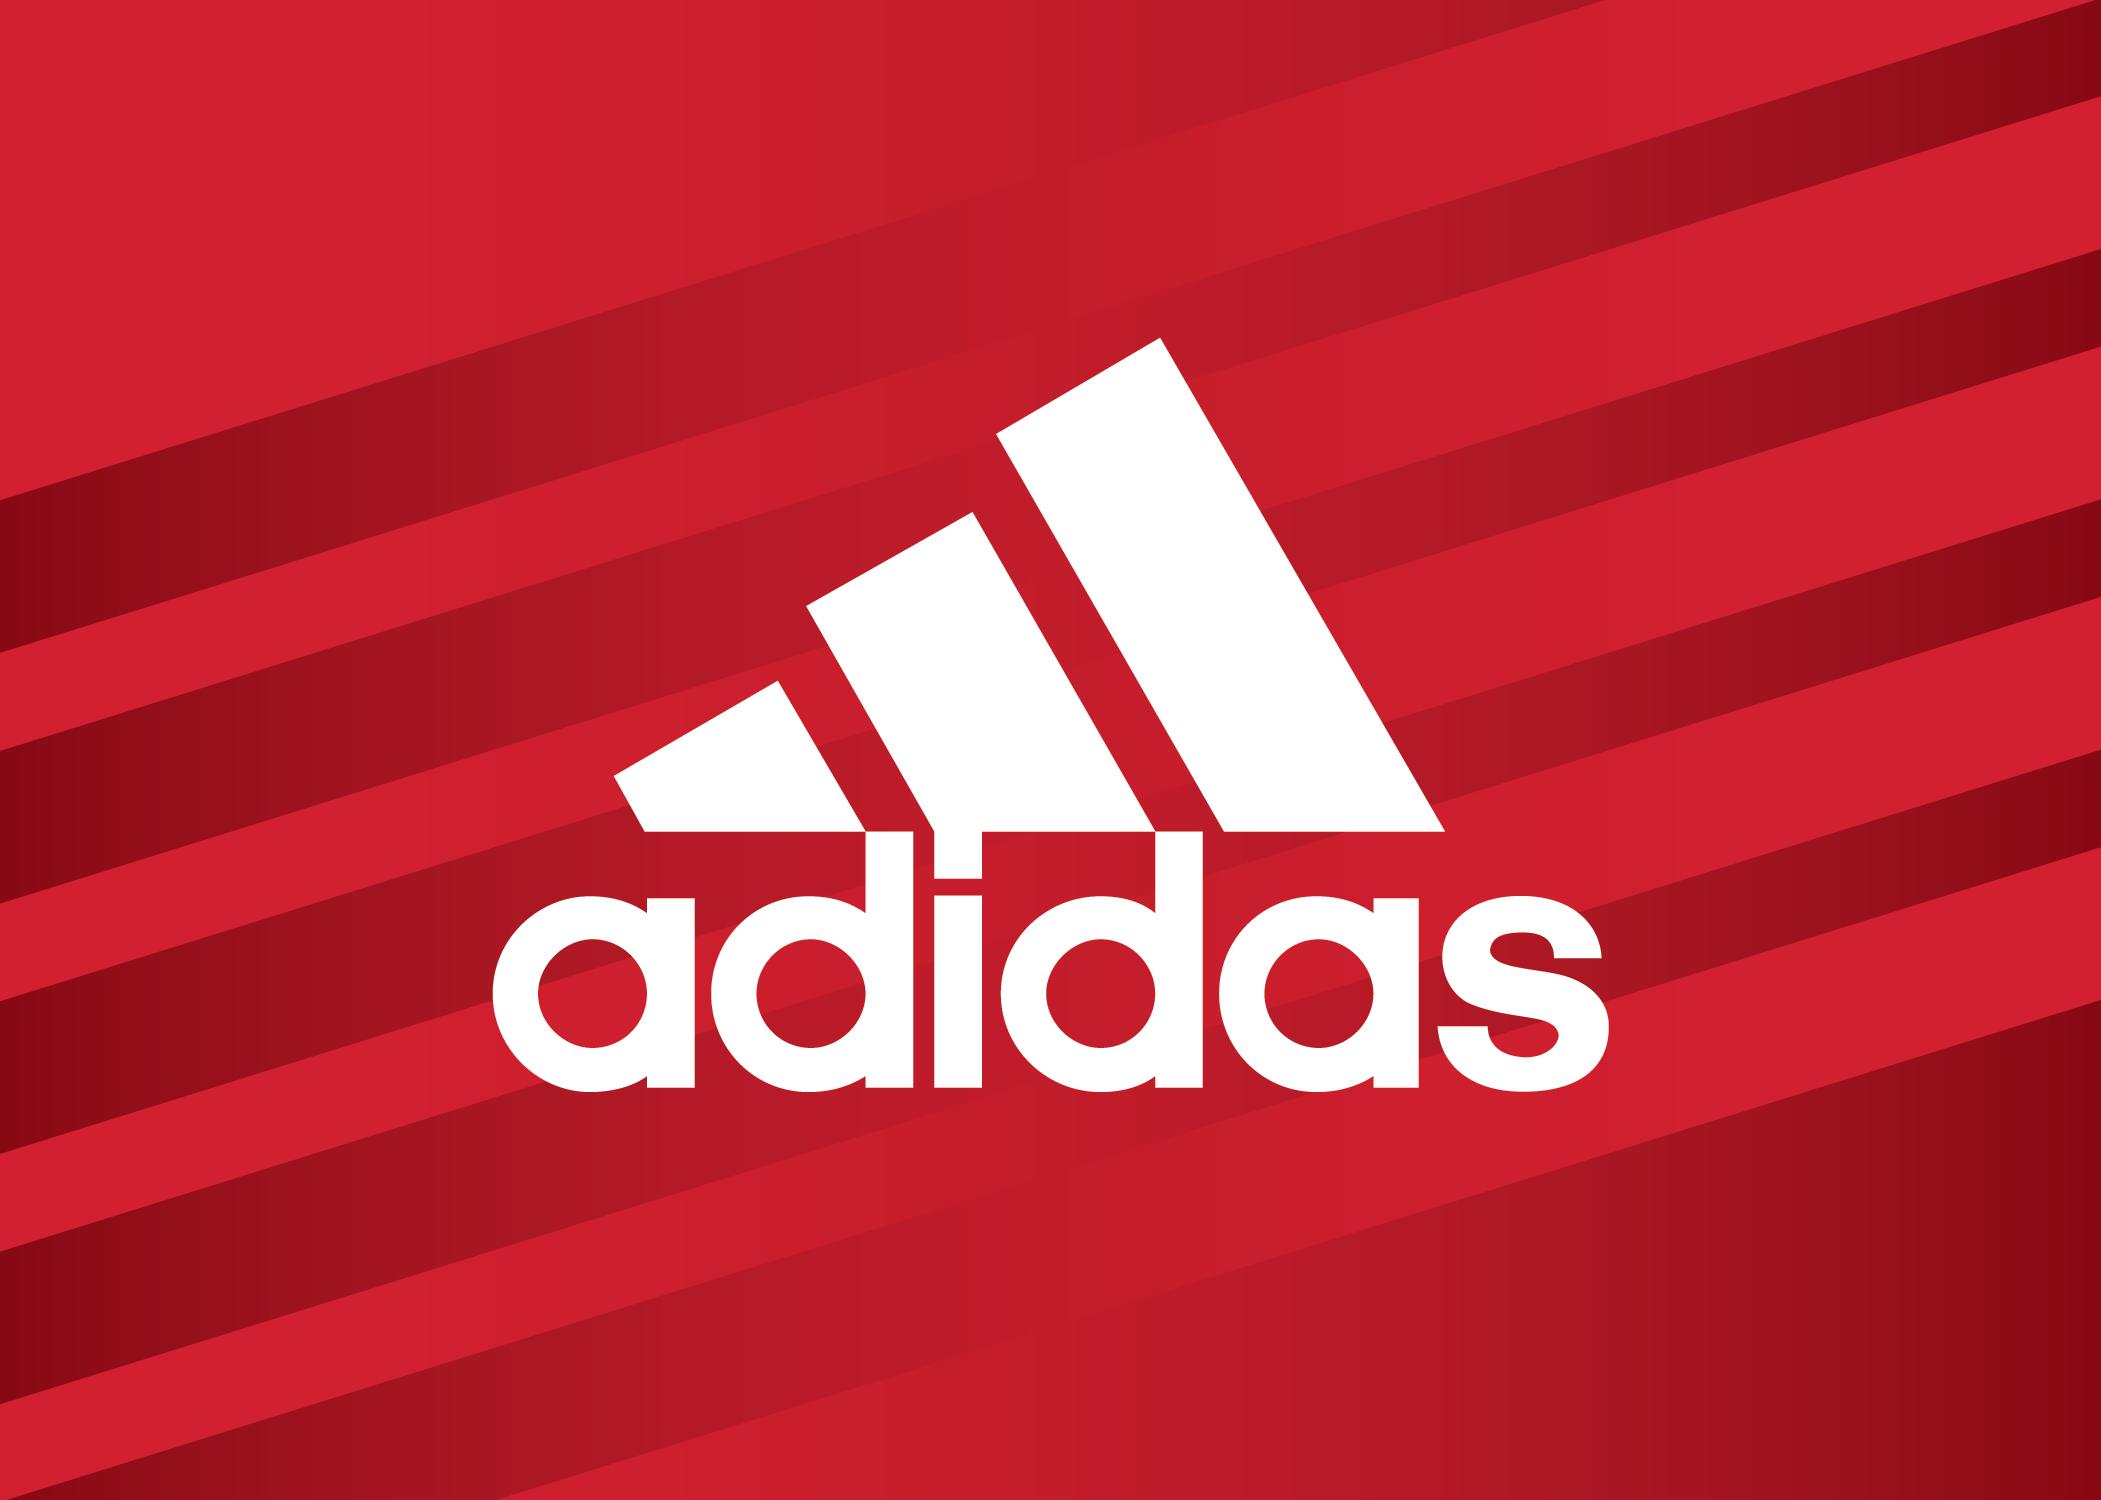 Adidas_7x5Postcard